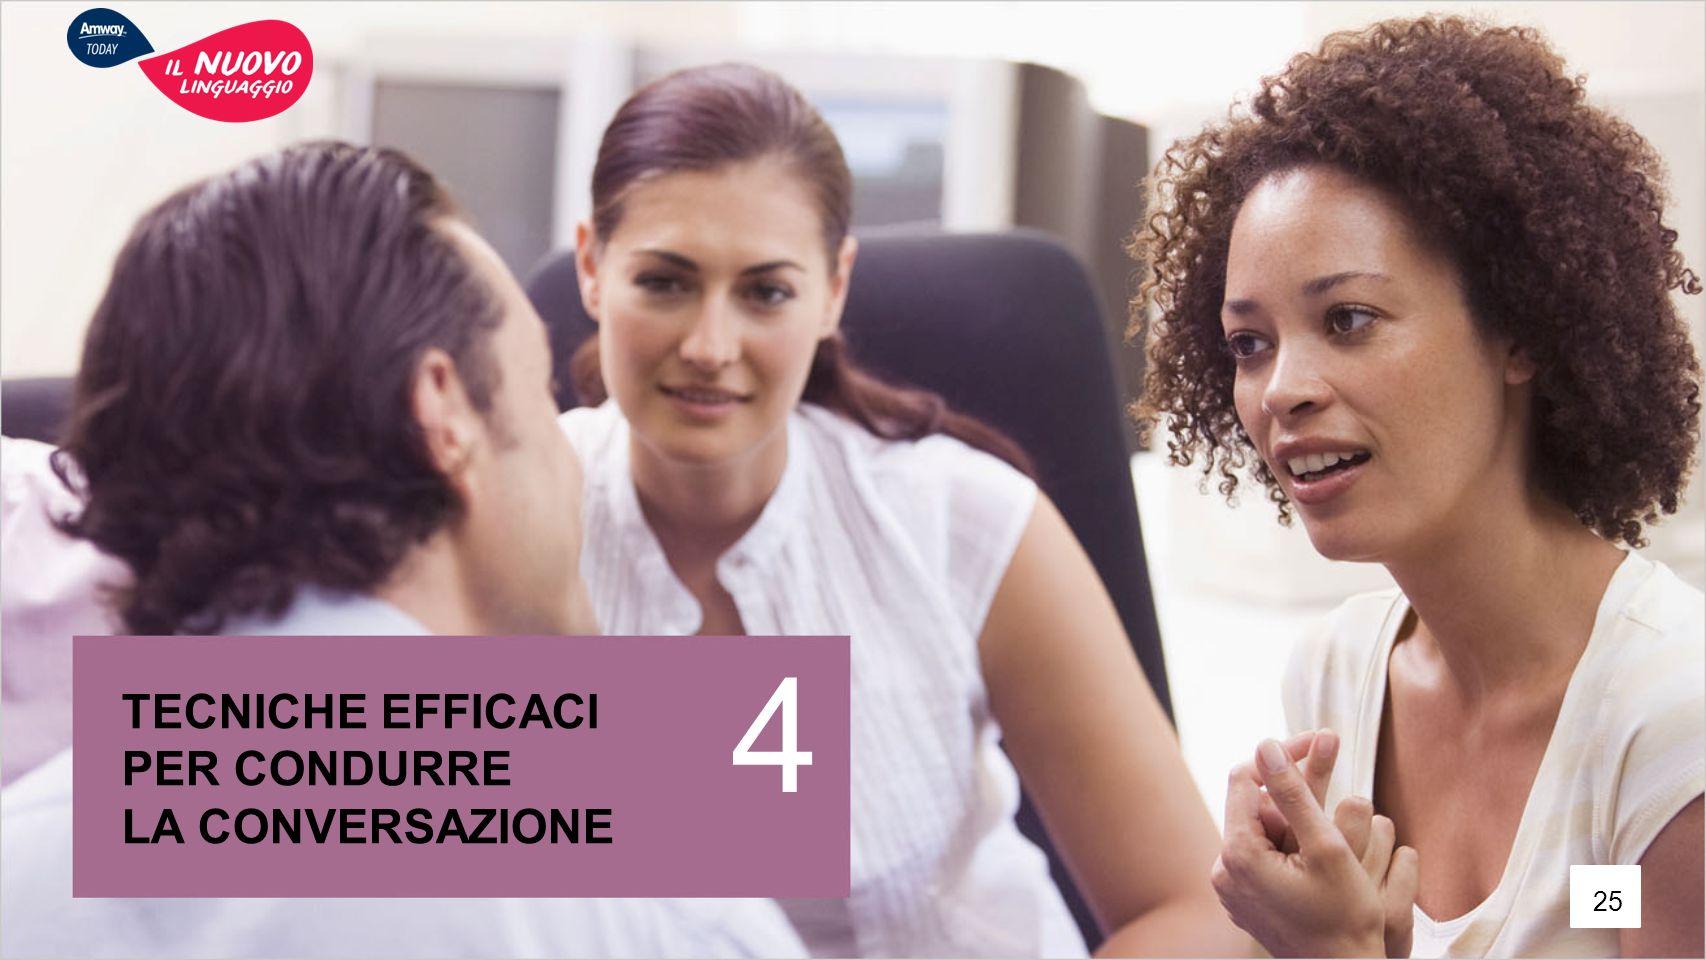 TECNICHE EFFICACI PER CONDURRE LA CONVERSAZIONE 4 25